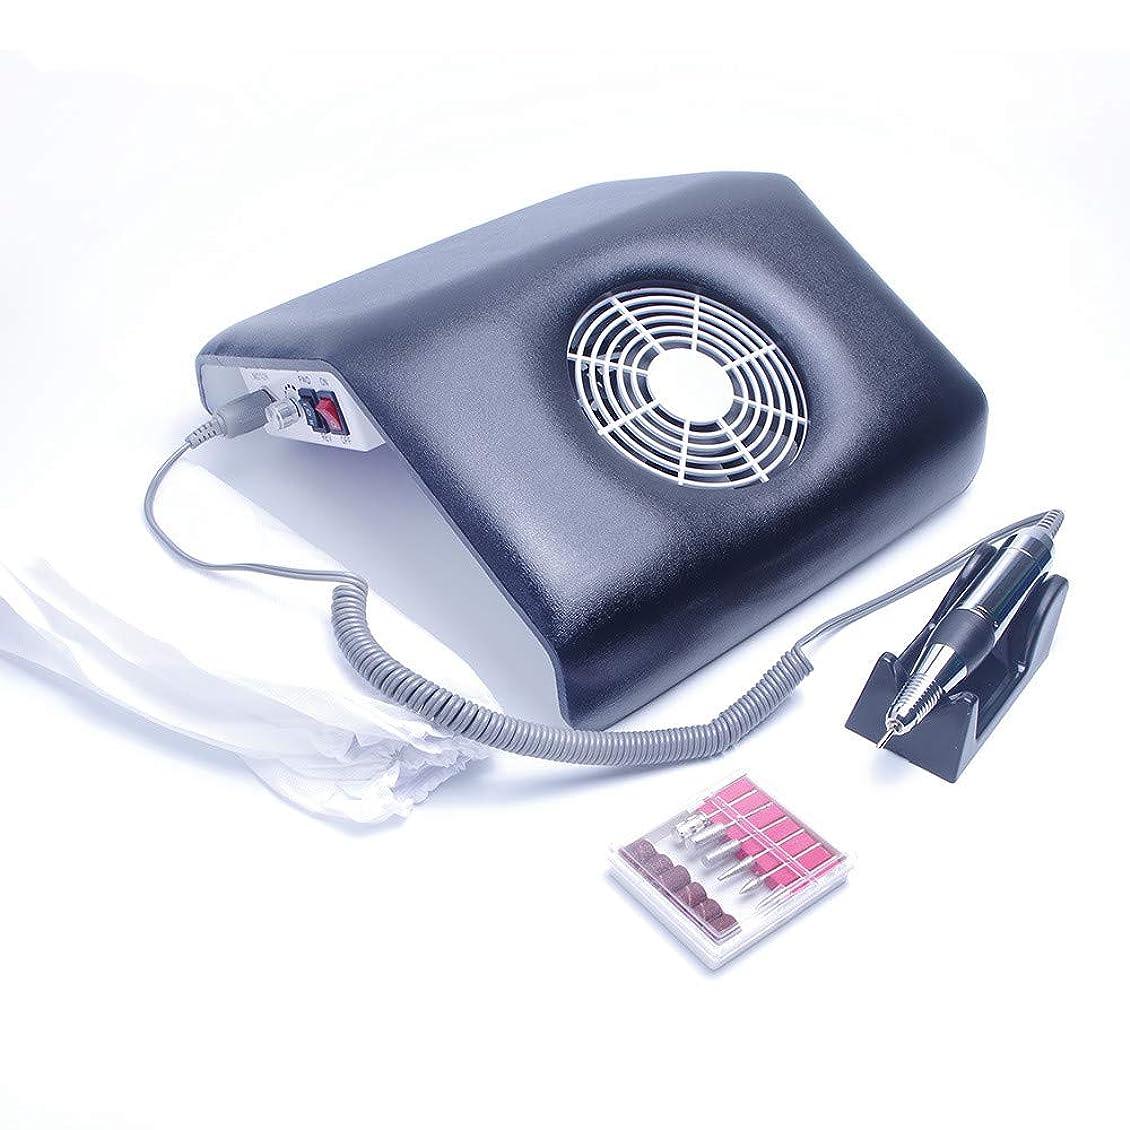 無視できるクモ有罪集塵機 ネイル ダストコレクター ネイルドリル ネイルマシーン ネイルマシン 電動ネイルファイル 電動ネイルケア ネイルオフ ジェルネイルオフ ジェルオフ セルフネイル